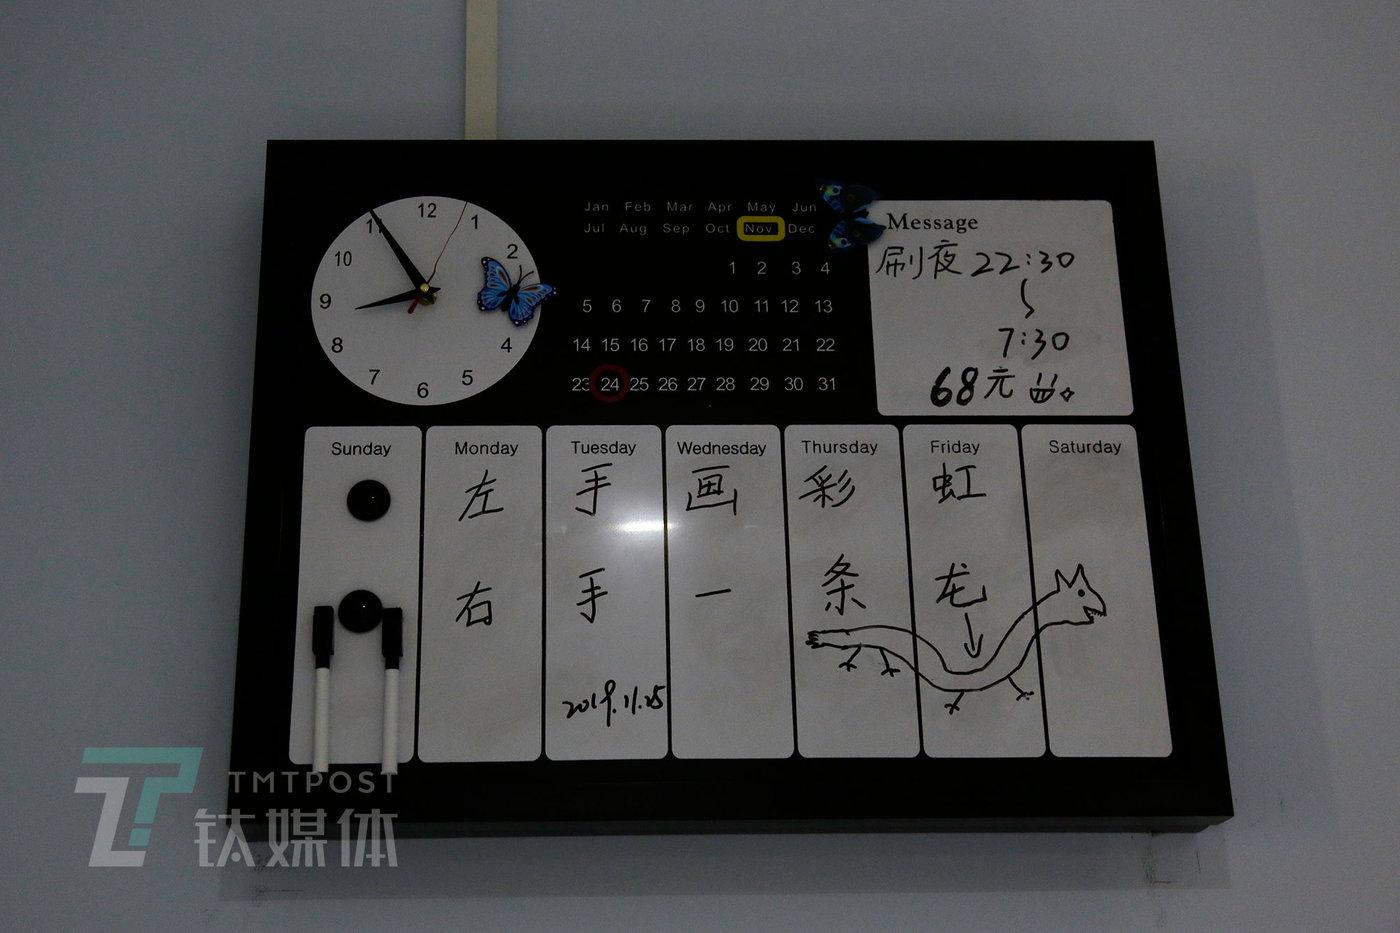 """时分自习室悬挂的日历留言板上写着""""刷夜""""时间为22:30~7:30,收费68元。"""